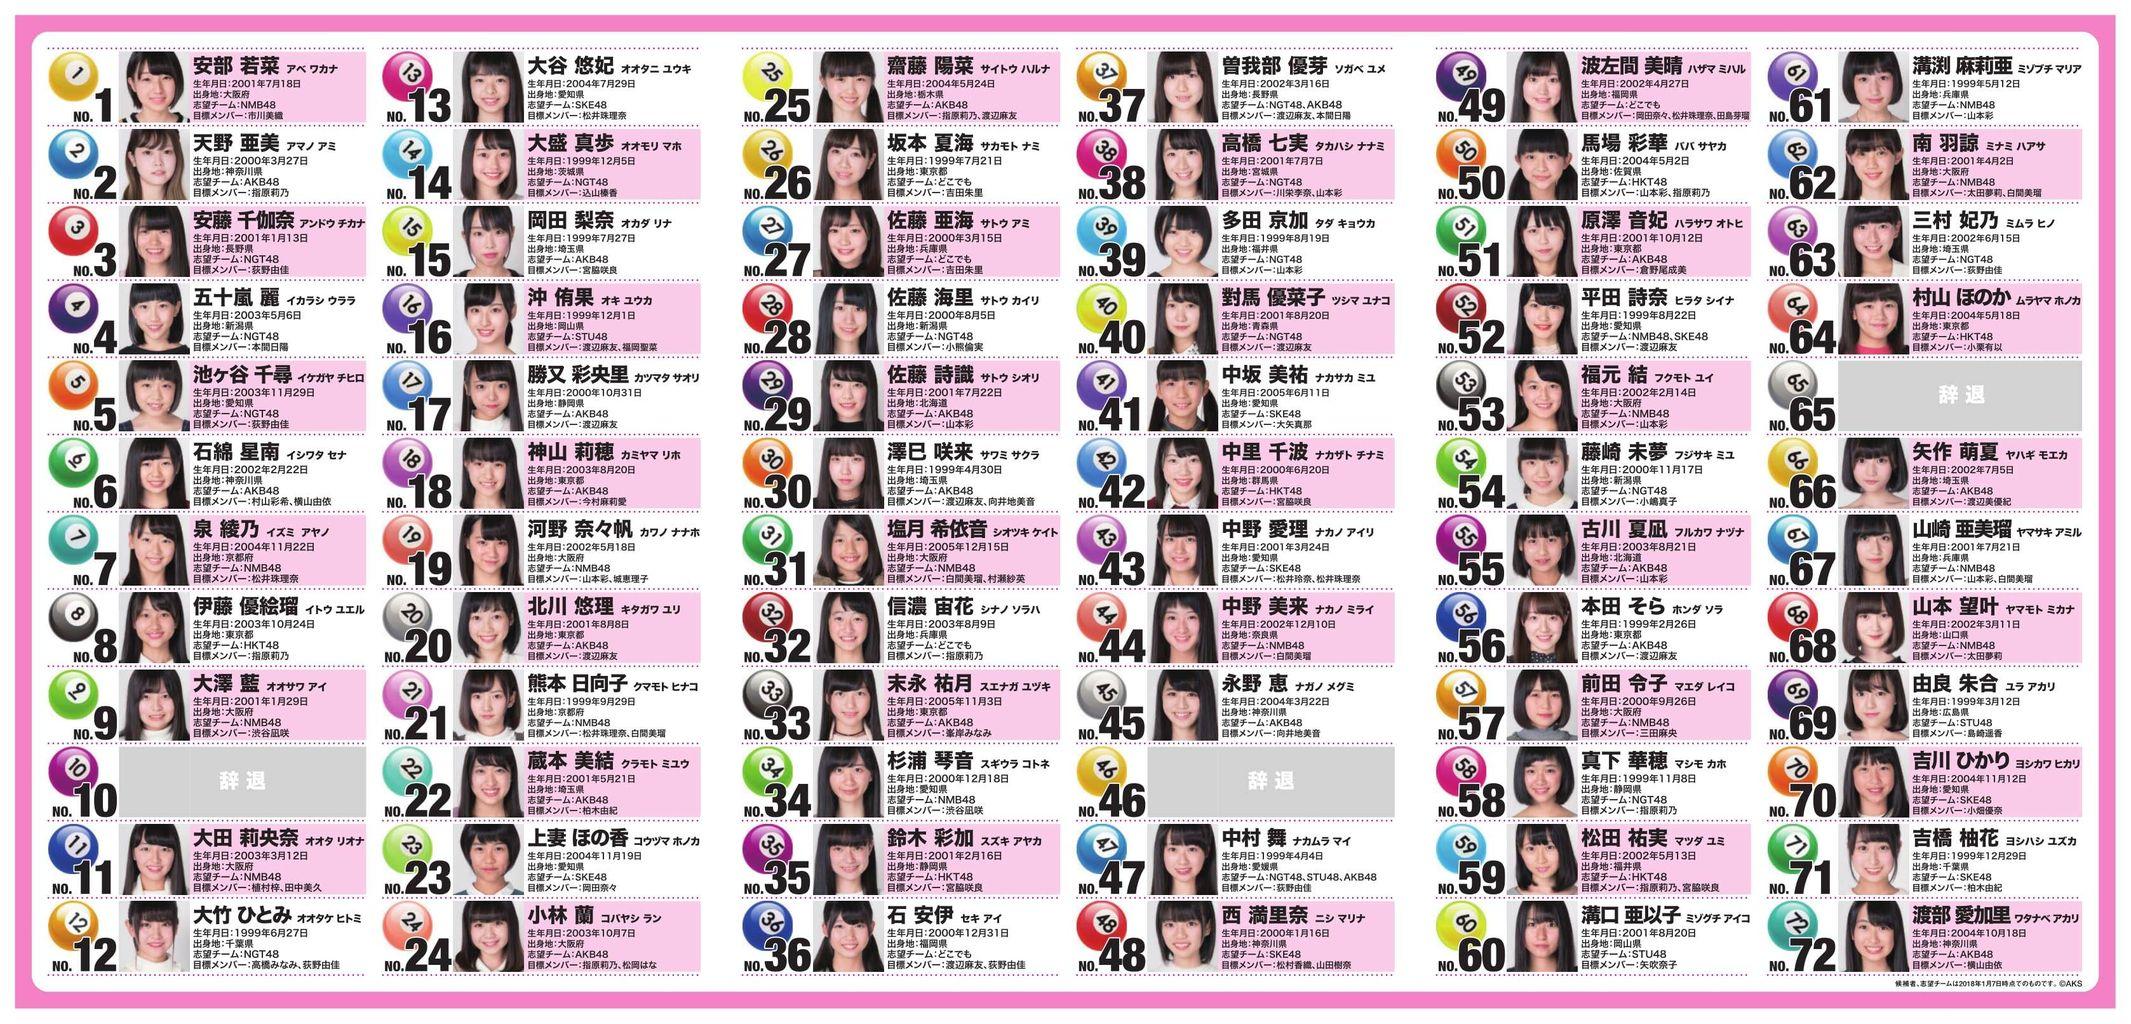 【第3回AKB48ドラフト会議】AKB48応援スレの戦略→